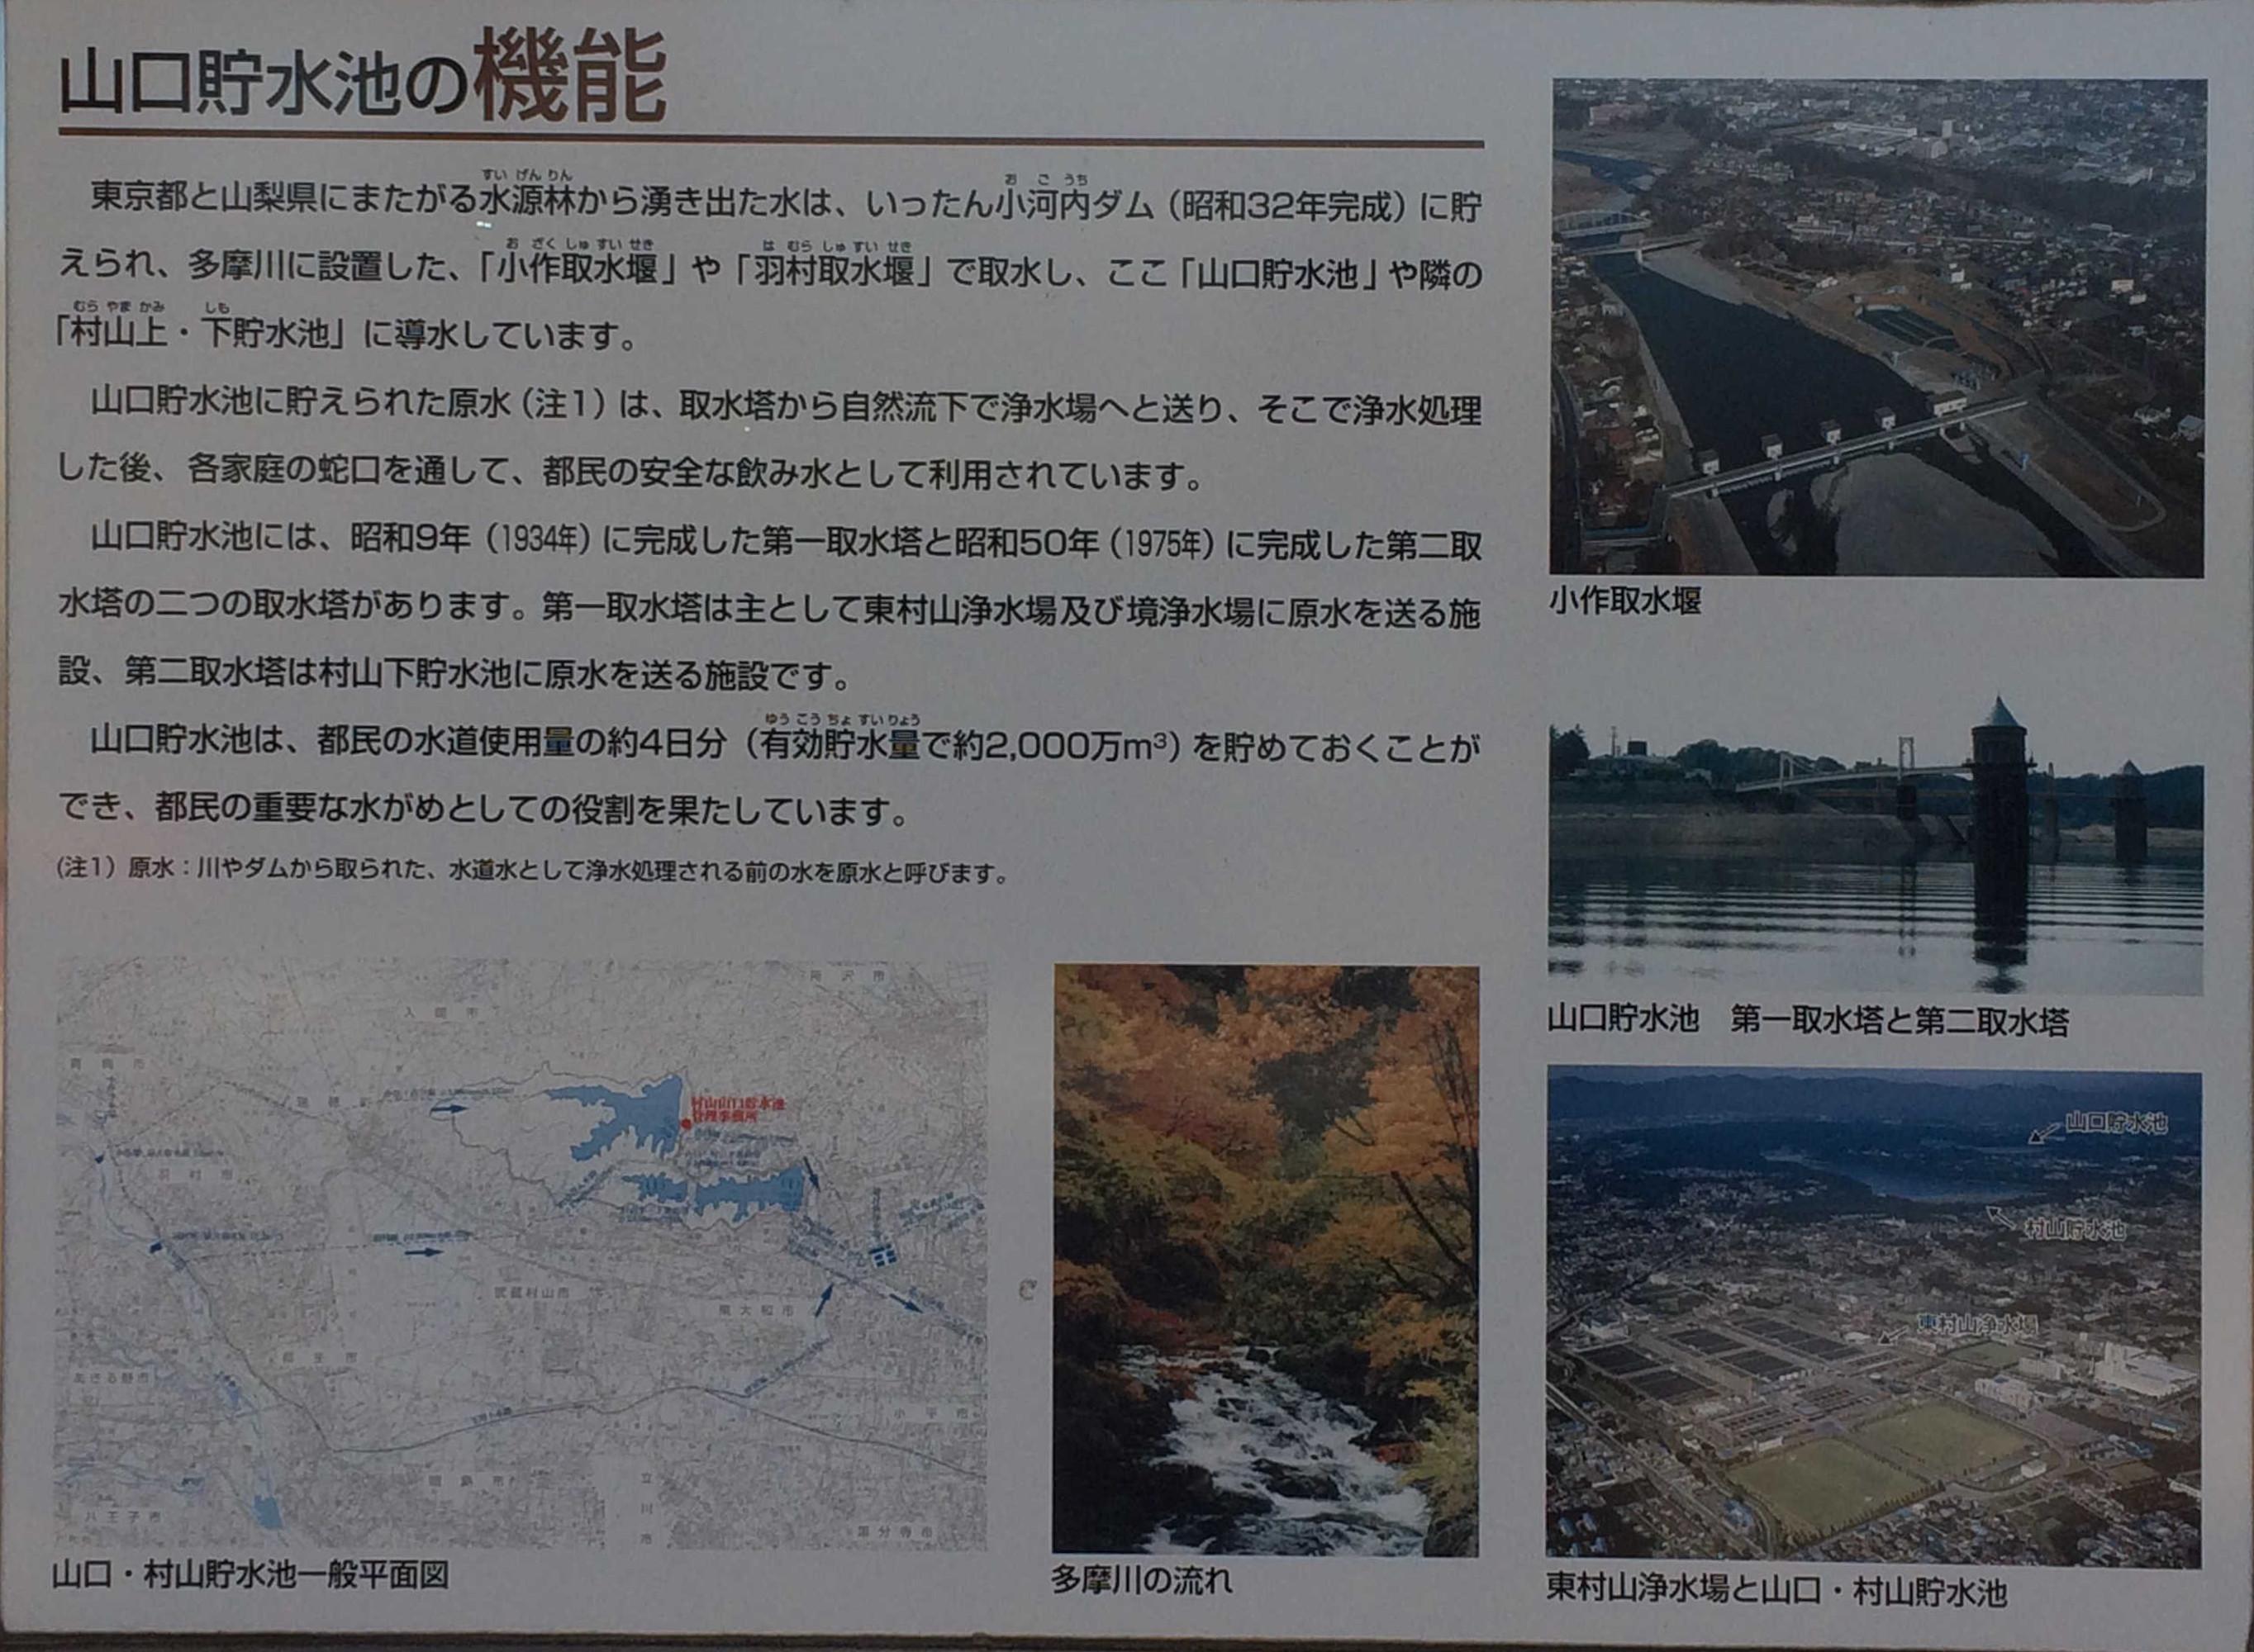 山口貯水池の機能